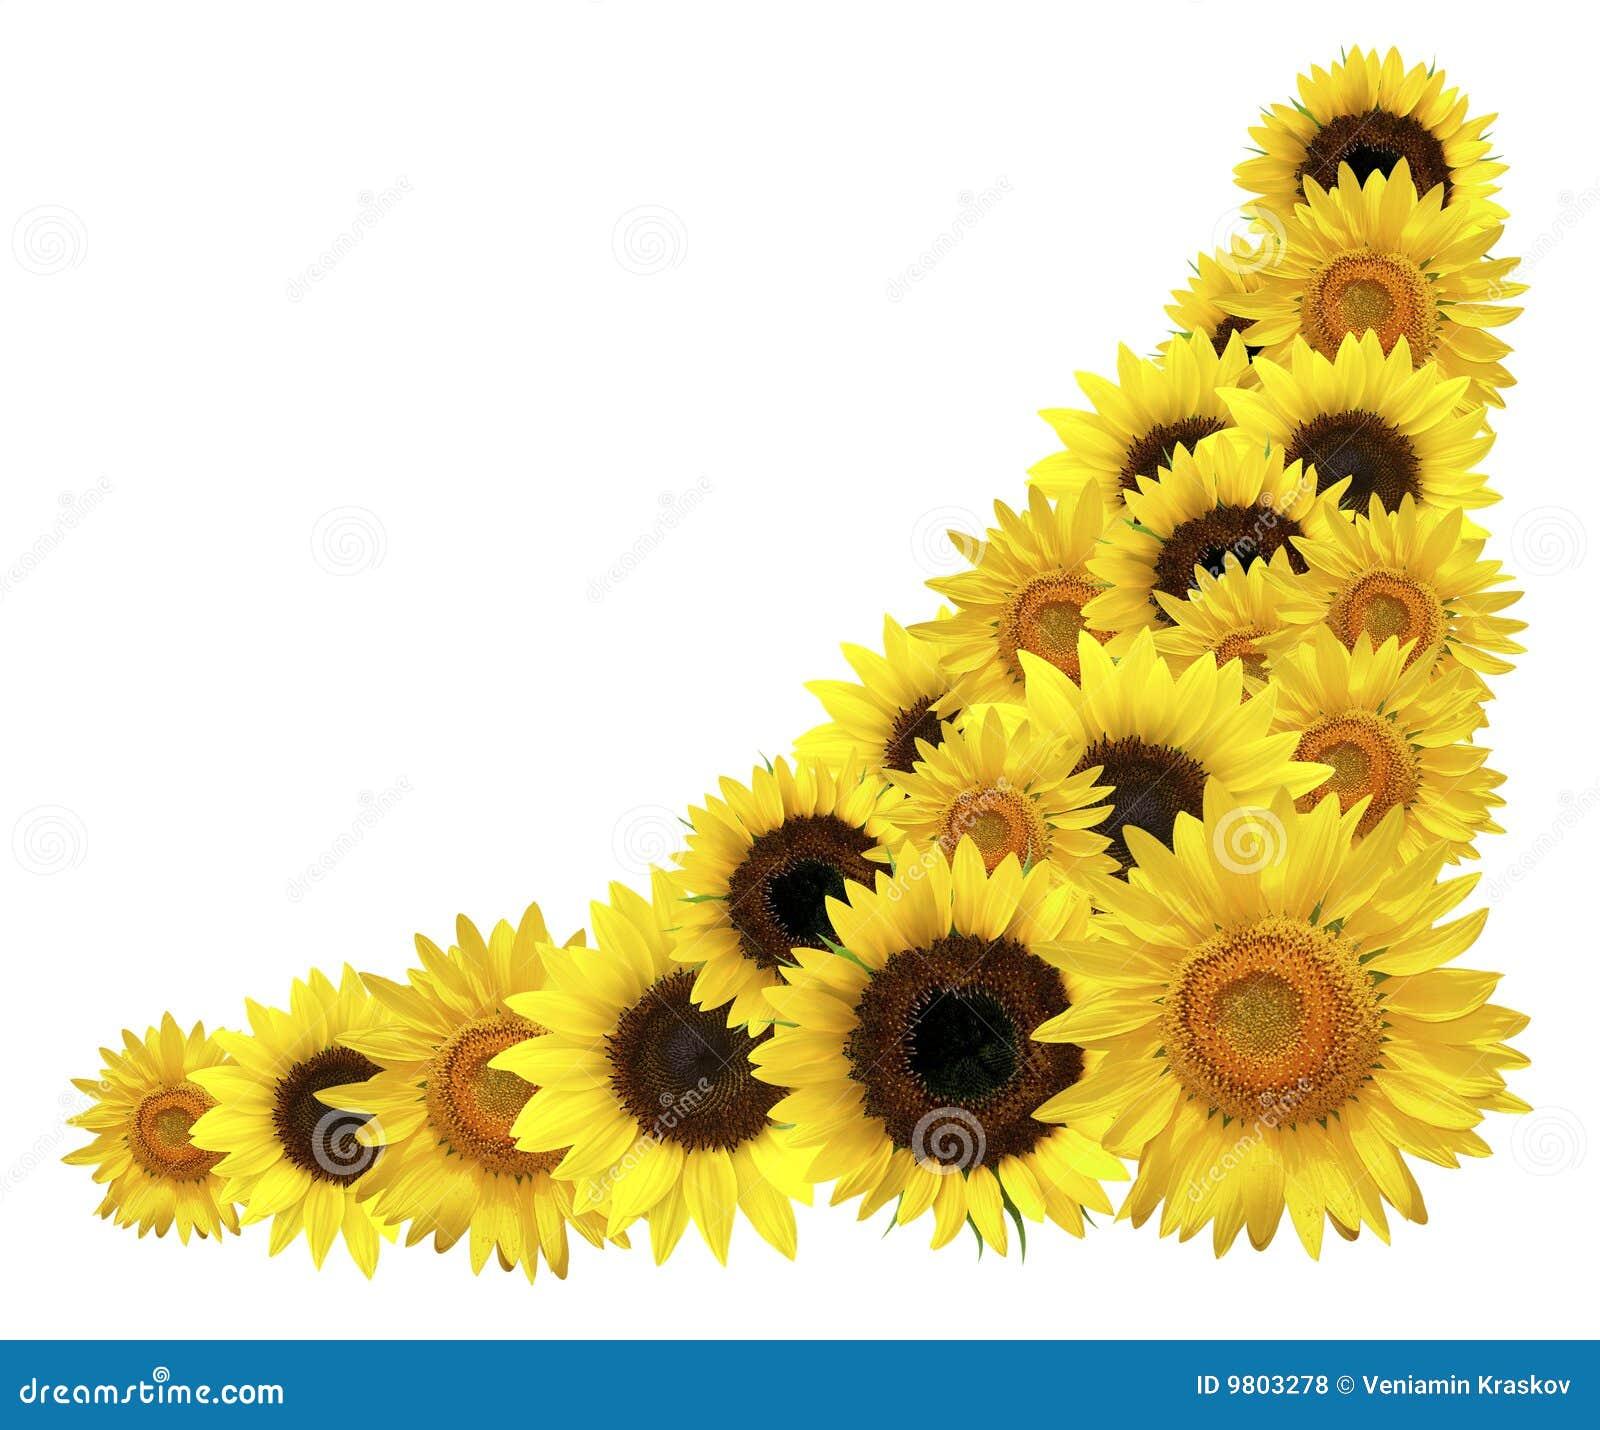 Sunflower Corner Border Clipart | www.pixshark.com ...